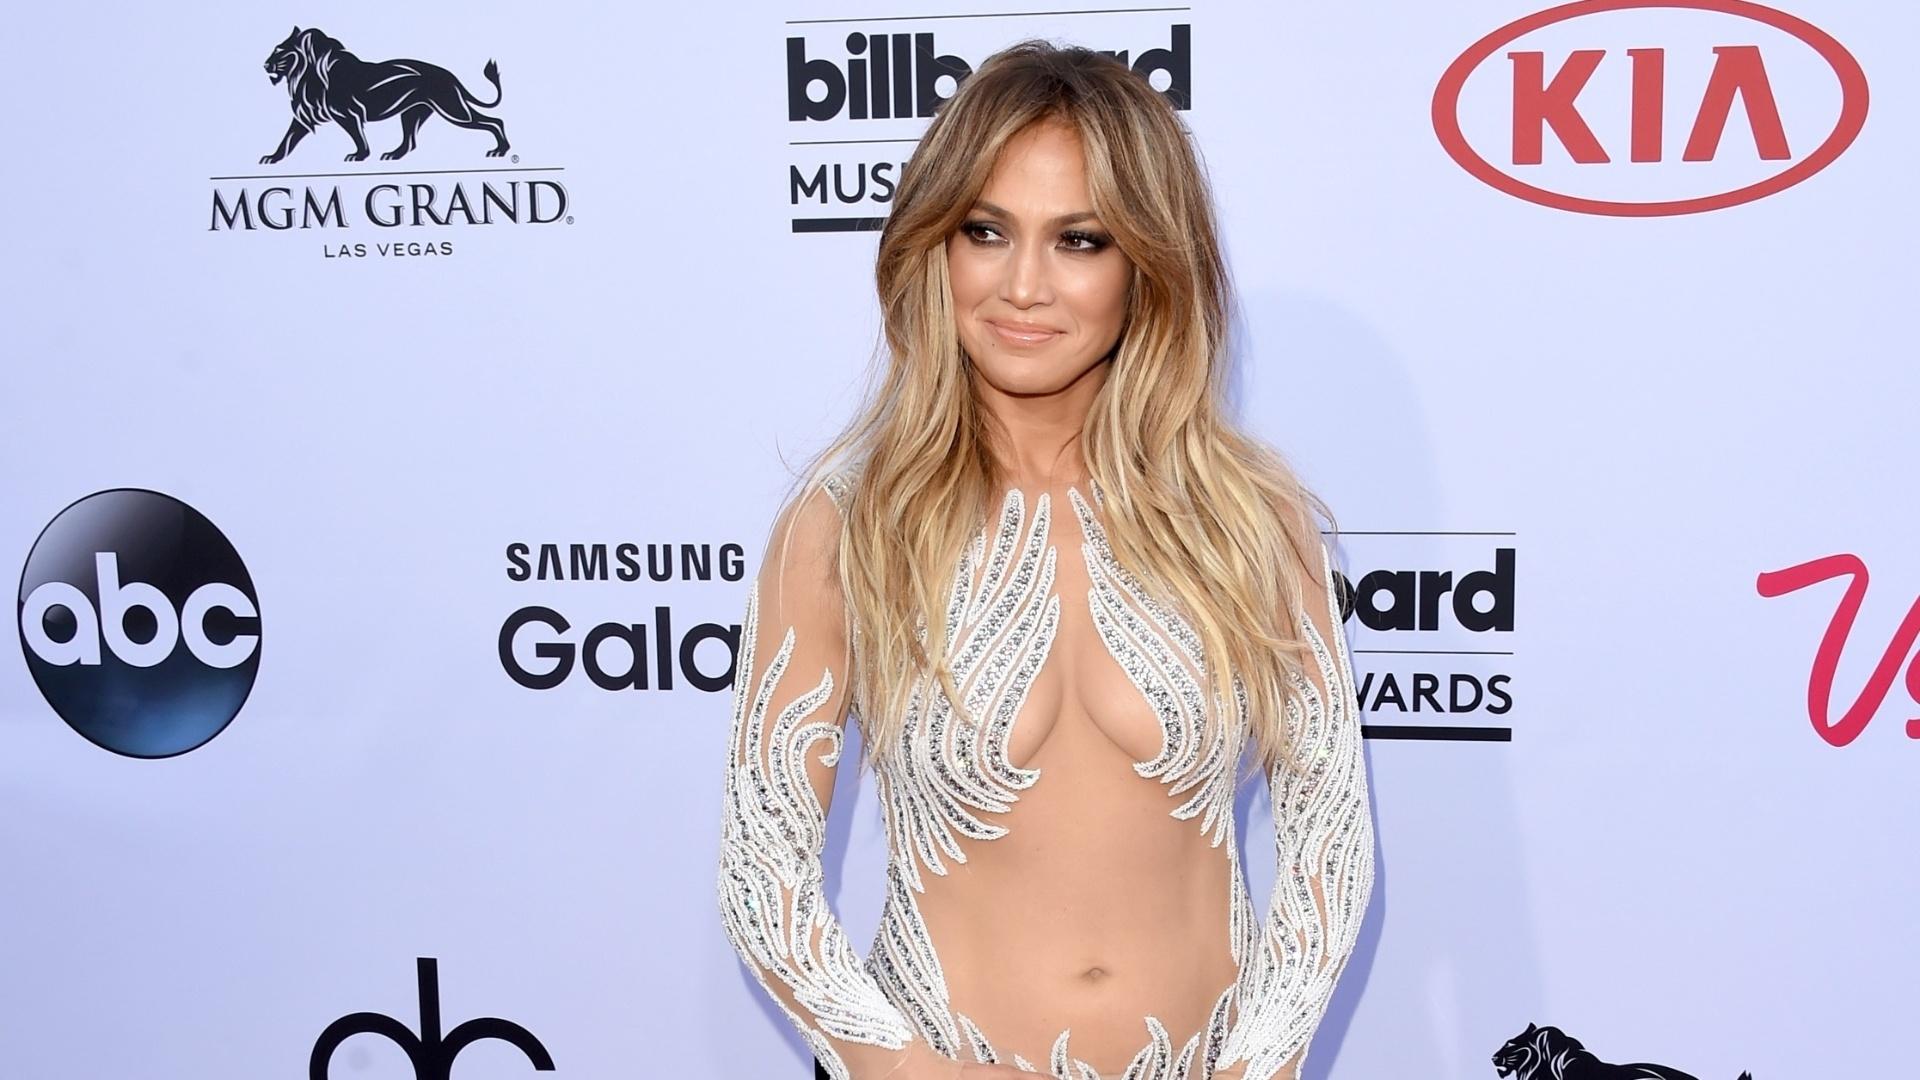 17.mai.2015 - Mais uma vez Jennifer Lopez chama atenção pela roupa. A cantora chegou à premiação com um vestido exibindo transparência e decotão